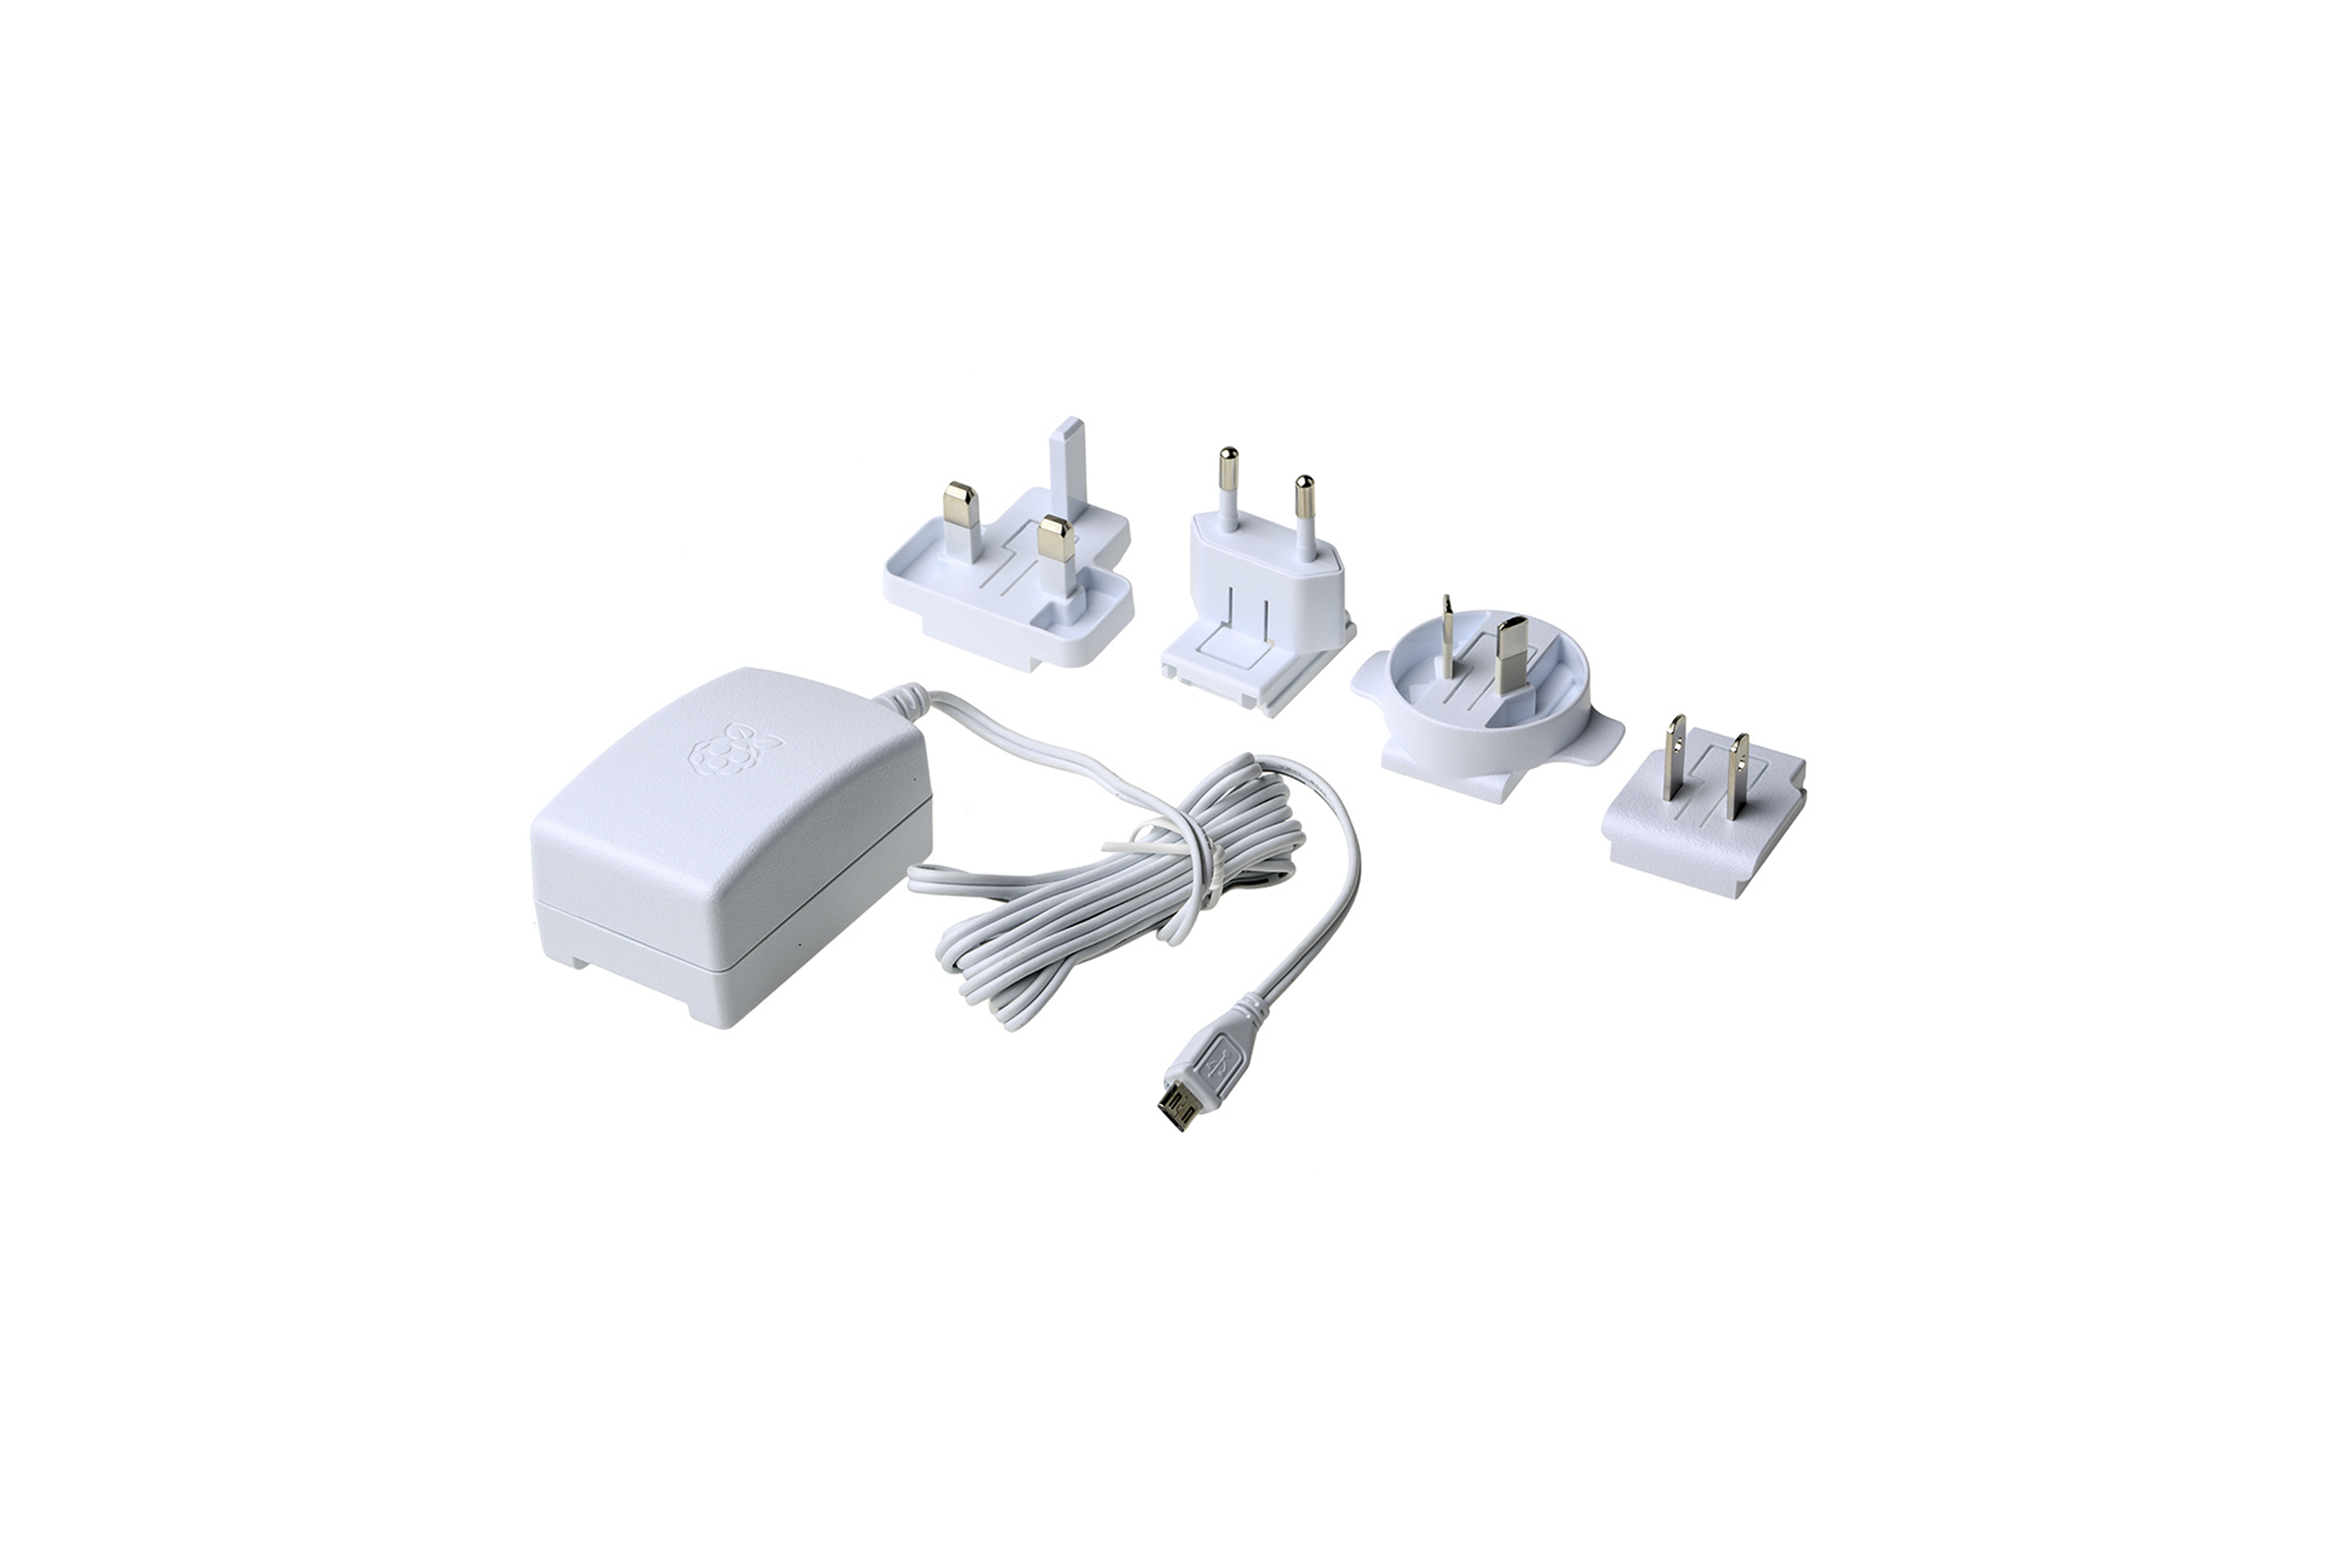 Pi 3純正電源供給ユニット - ホワイト